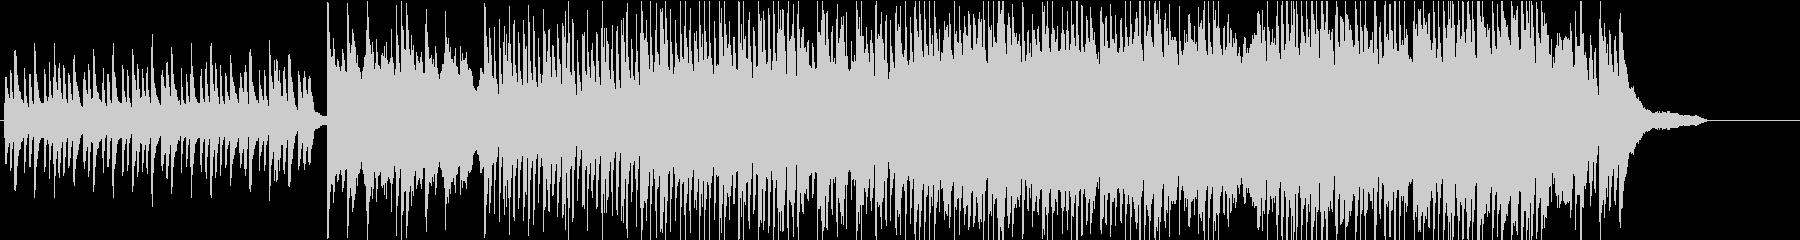 ピアノと琴、三味線によるゆったり和曲の未再生の波形